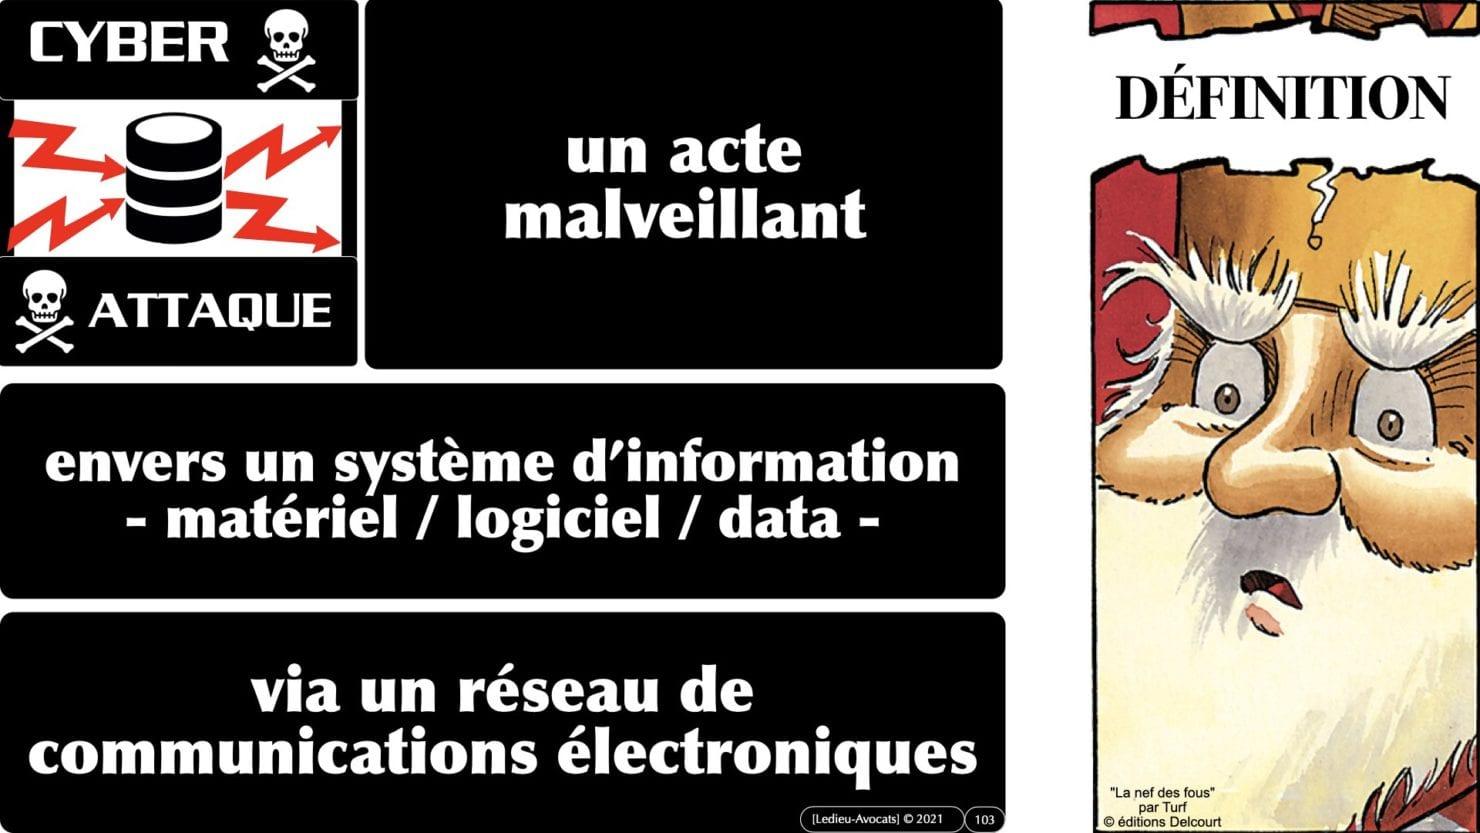 333 CYBER ATTAQUE responsabilité pénale civile contrat © Ledieu-Avocats 23-05-2021.103